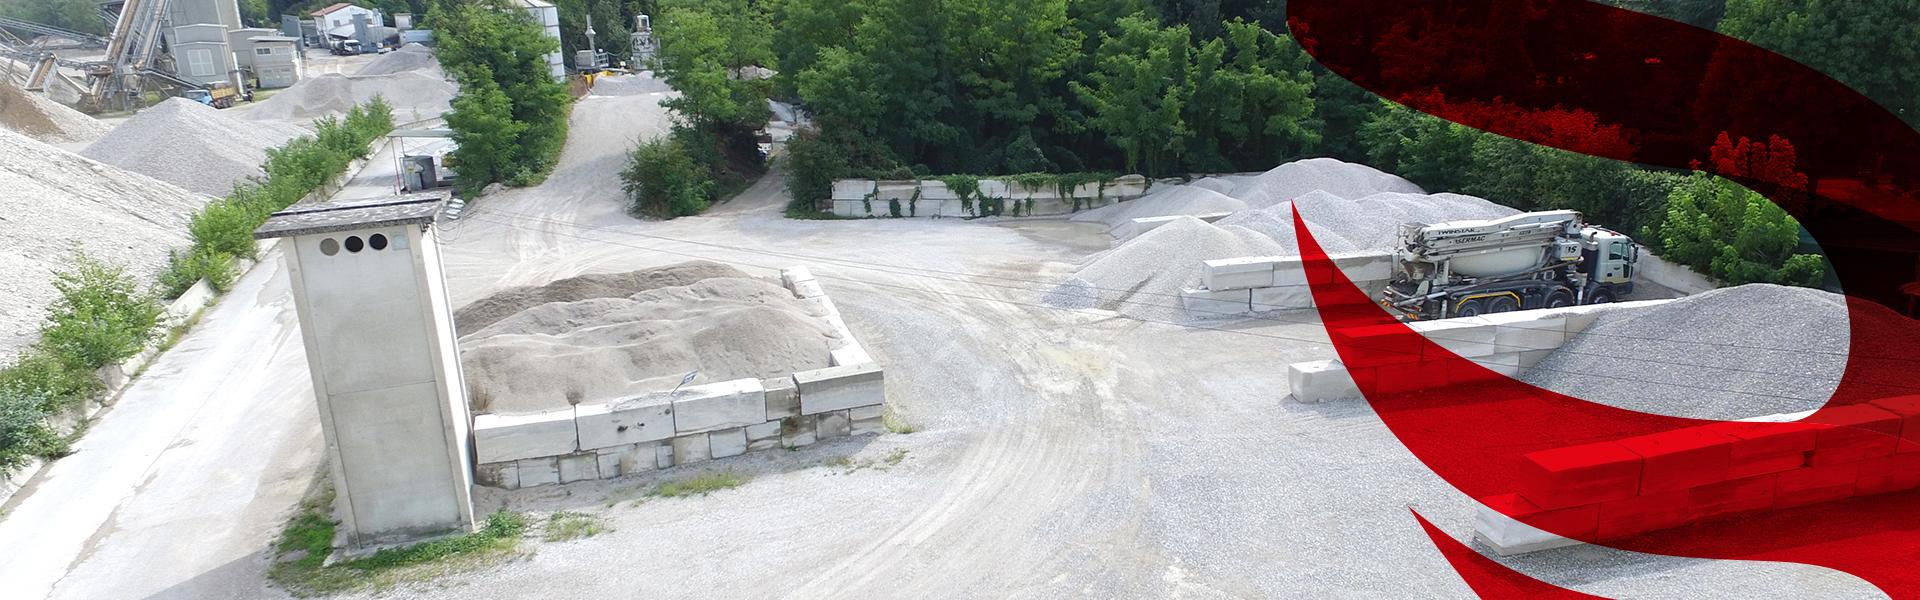 Vibetonbrenta cantiere Pozzoleone